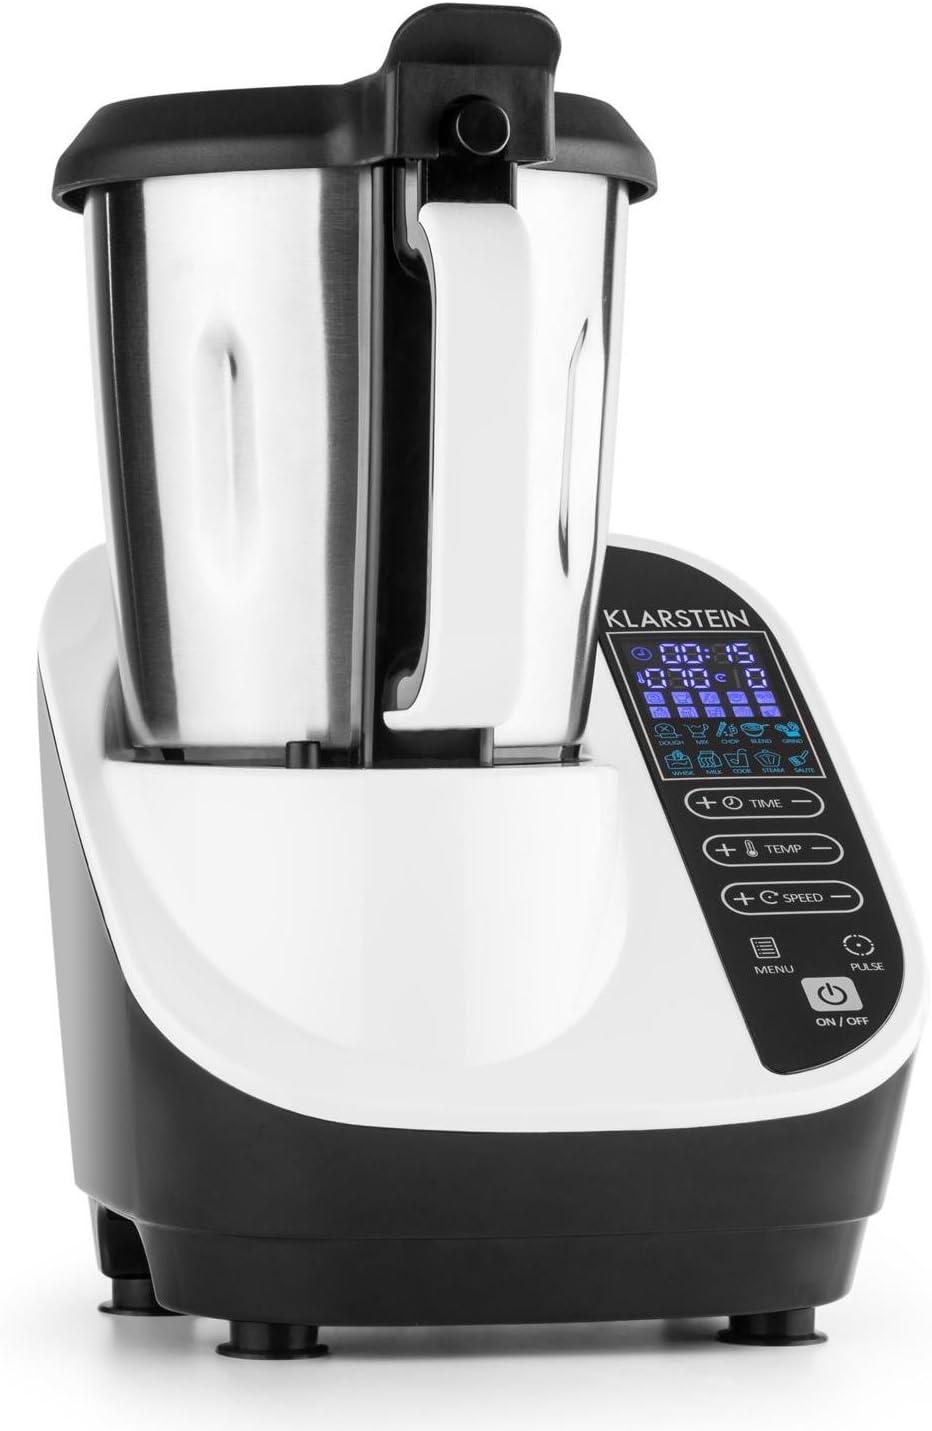 Klarstein Food Circus • Robot de cocina Blanche: Amazon.es: Hogar